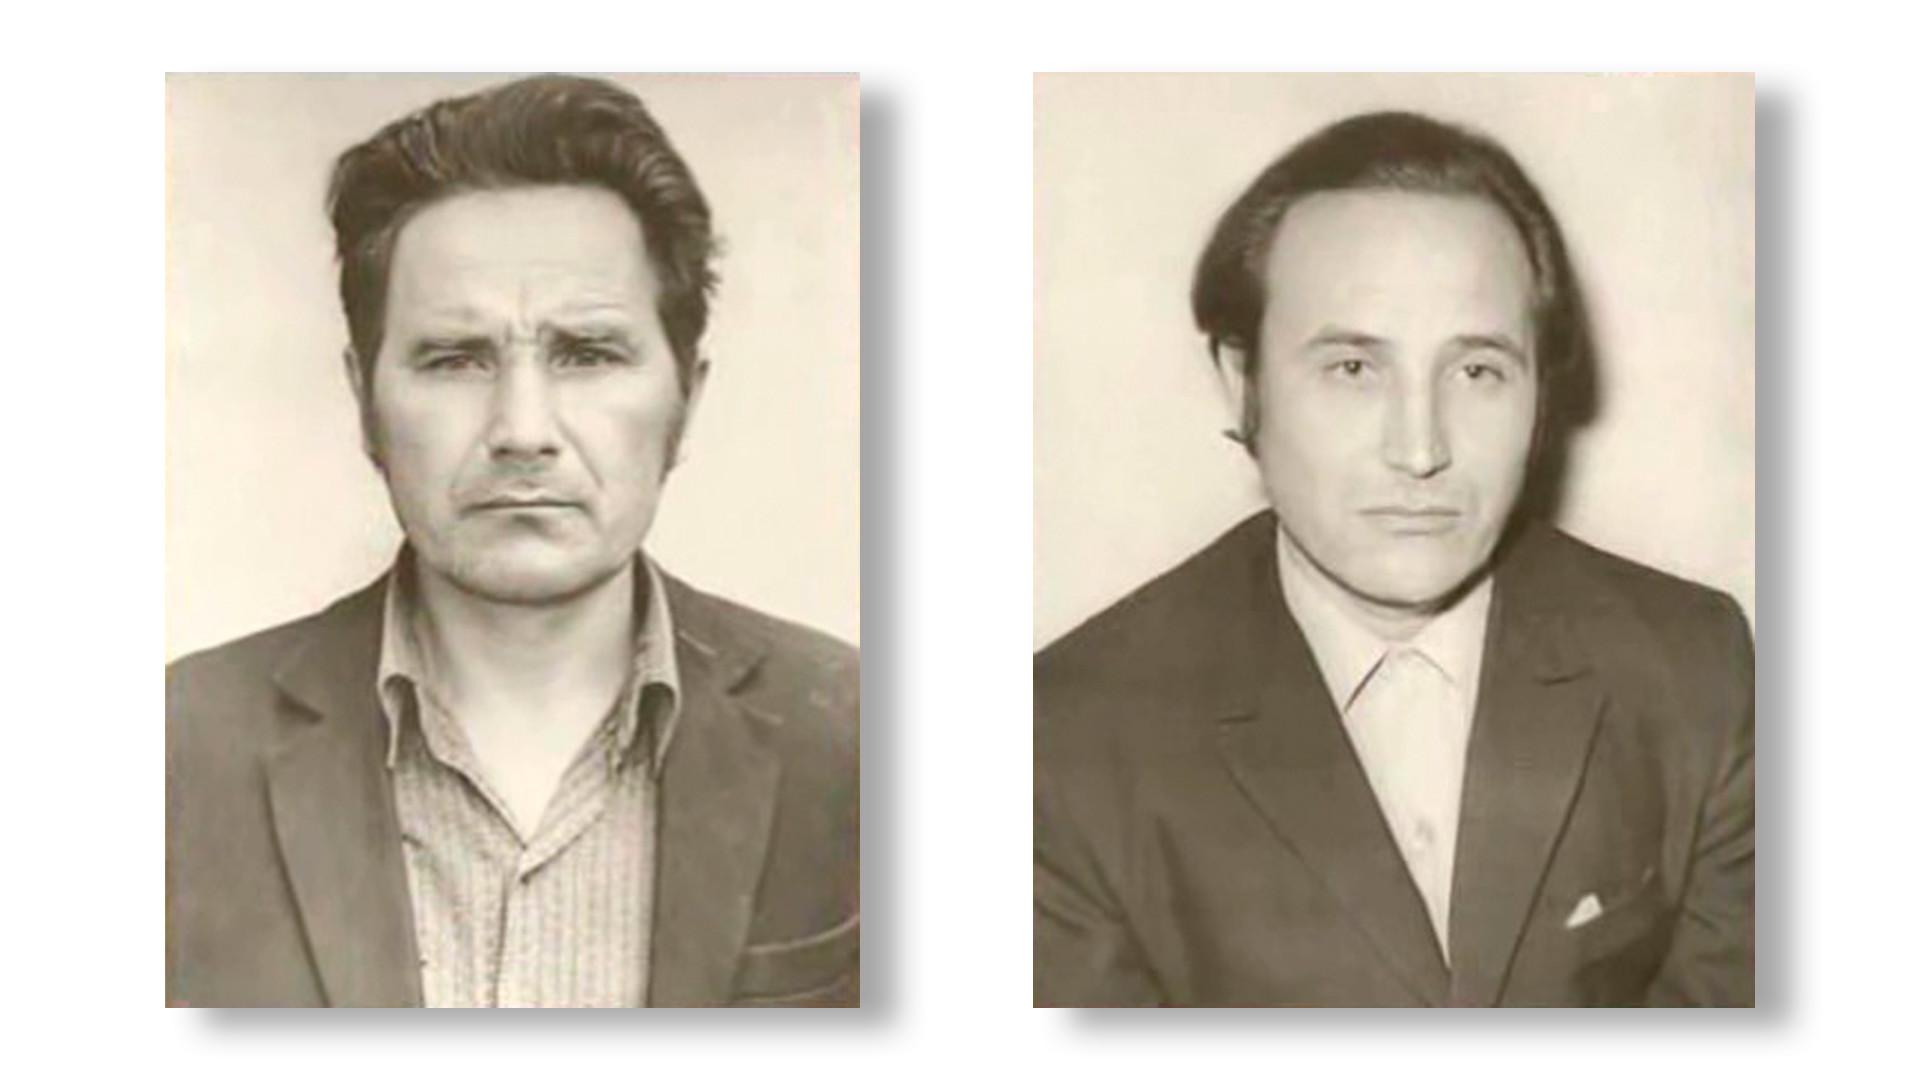 Vladimir and Vyacheslav Tolstopyatov.